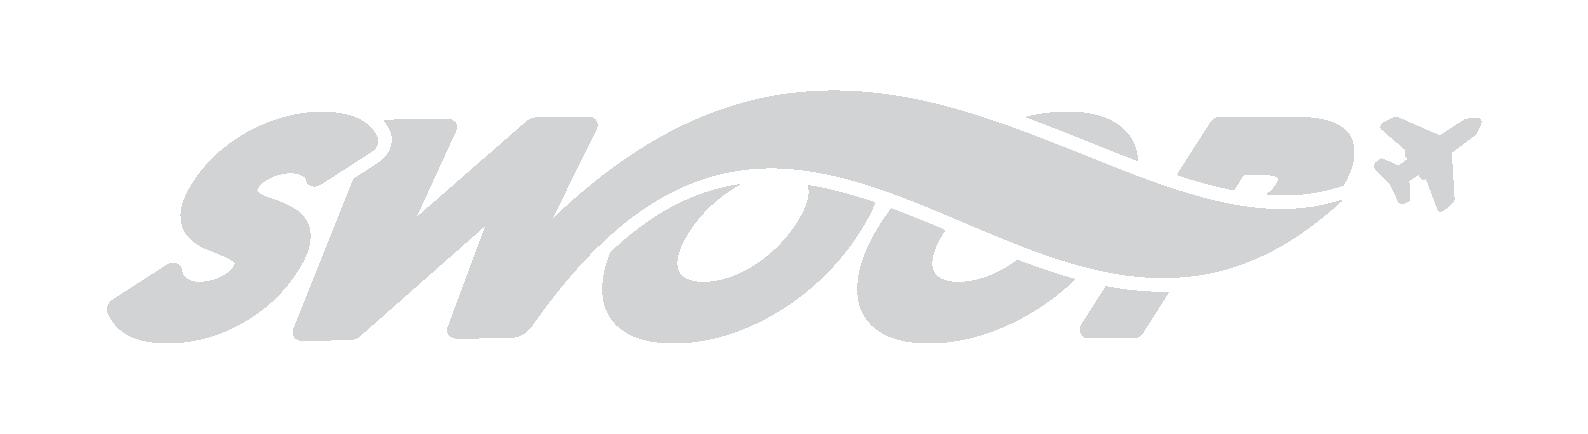 Swoop logo grey